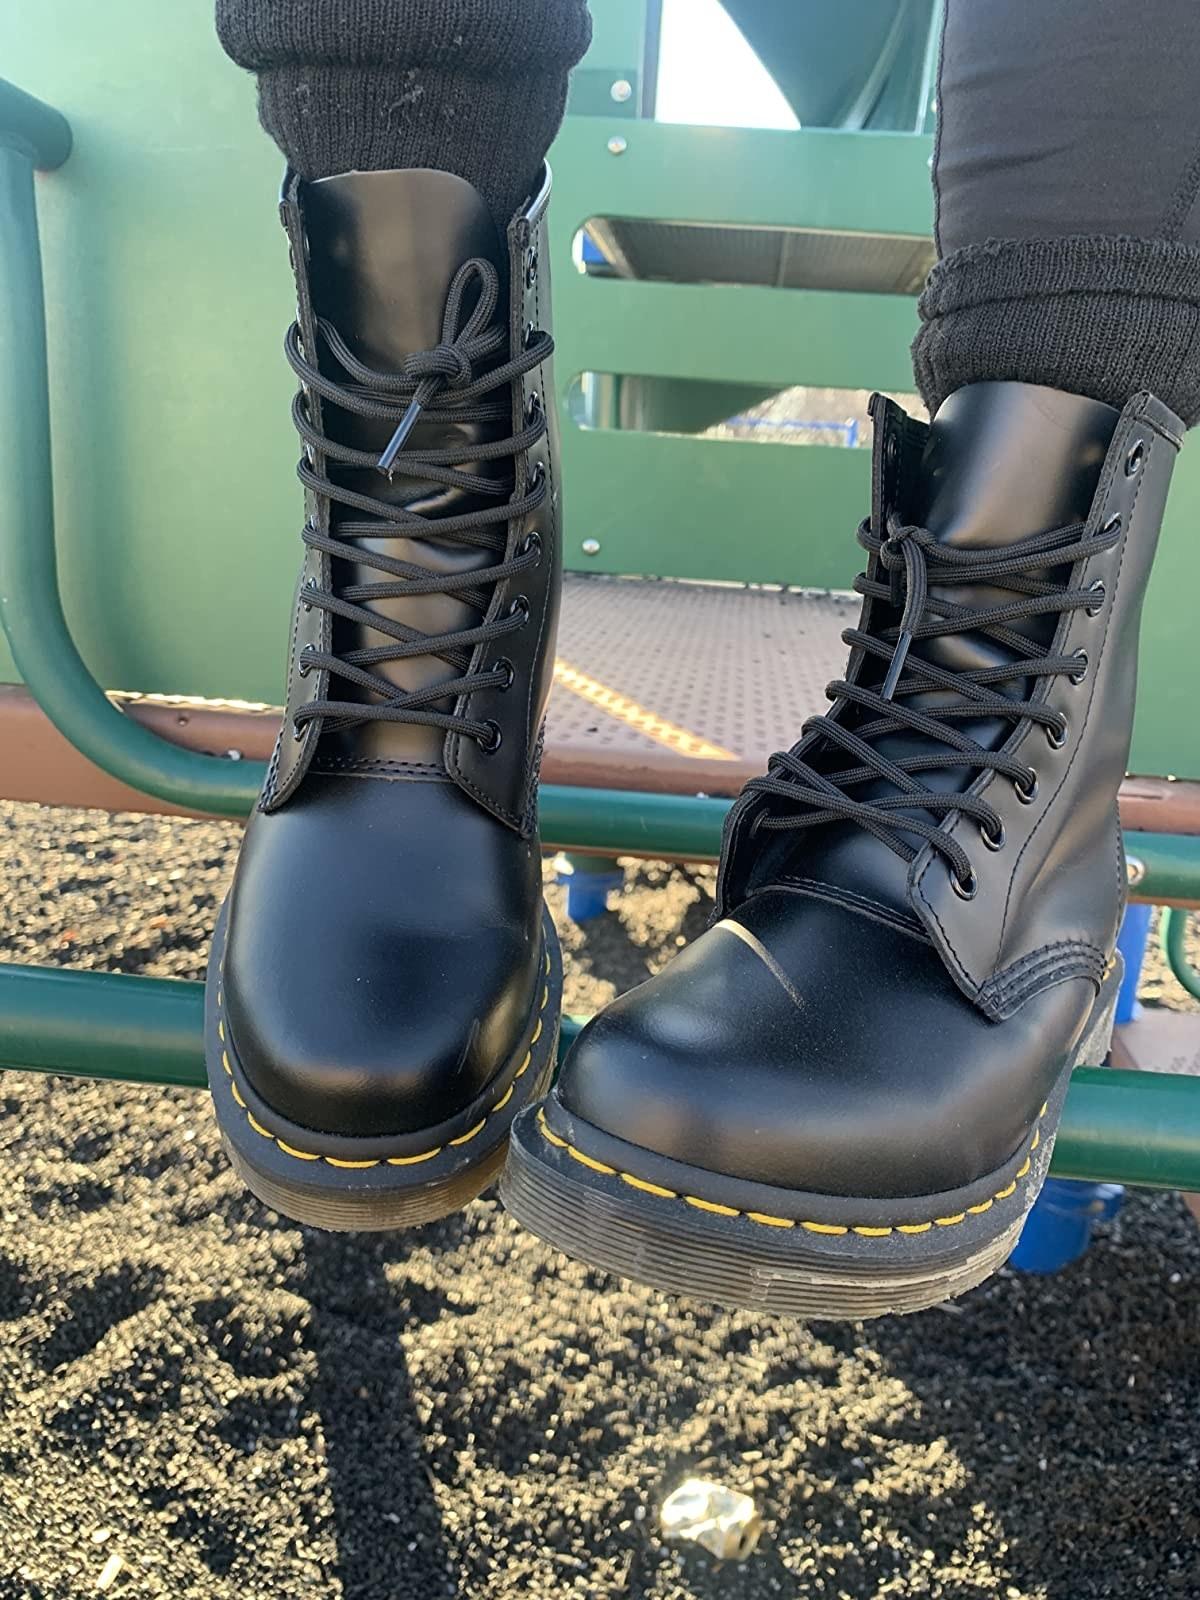 black doc martens boots